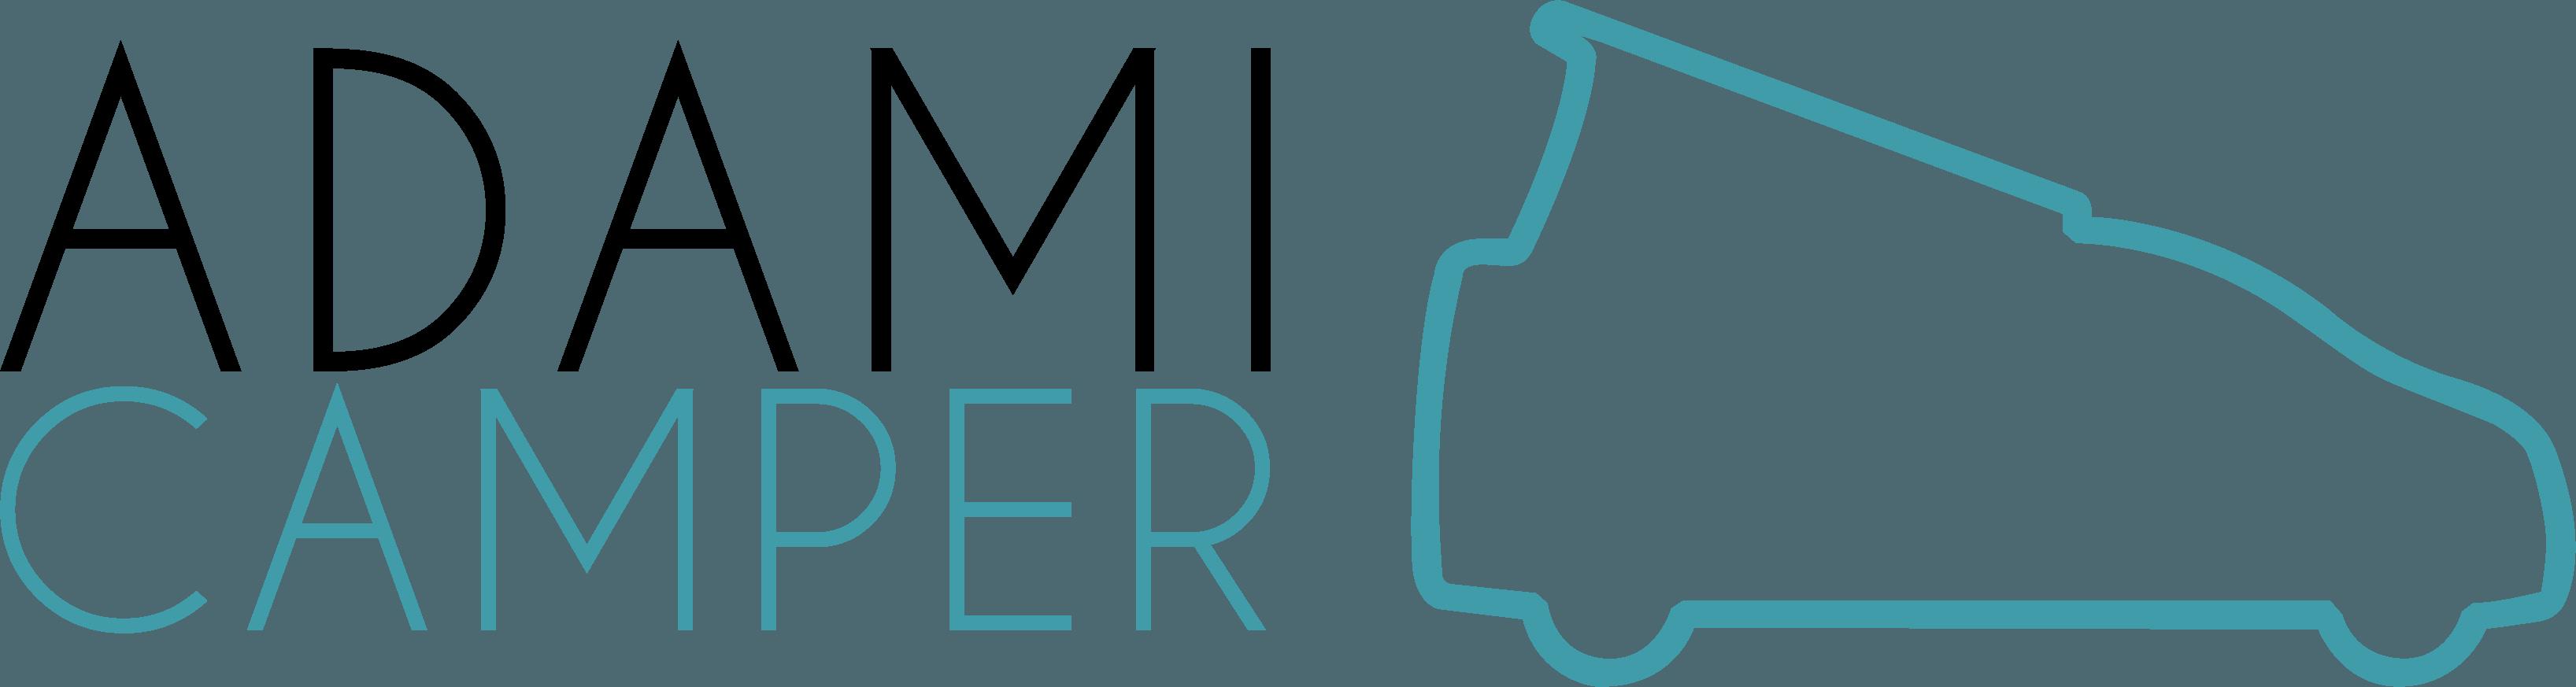 Adami Camper